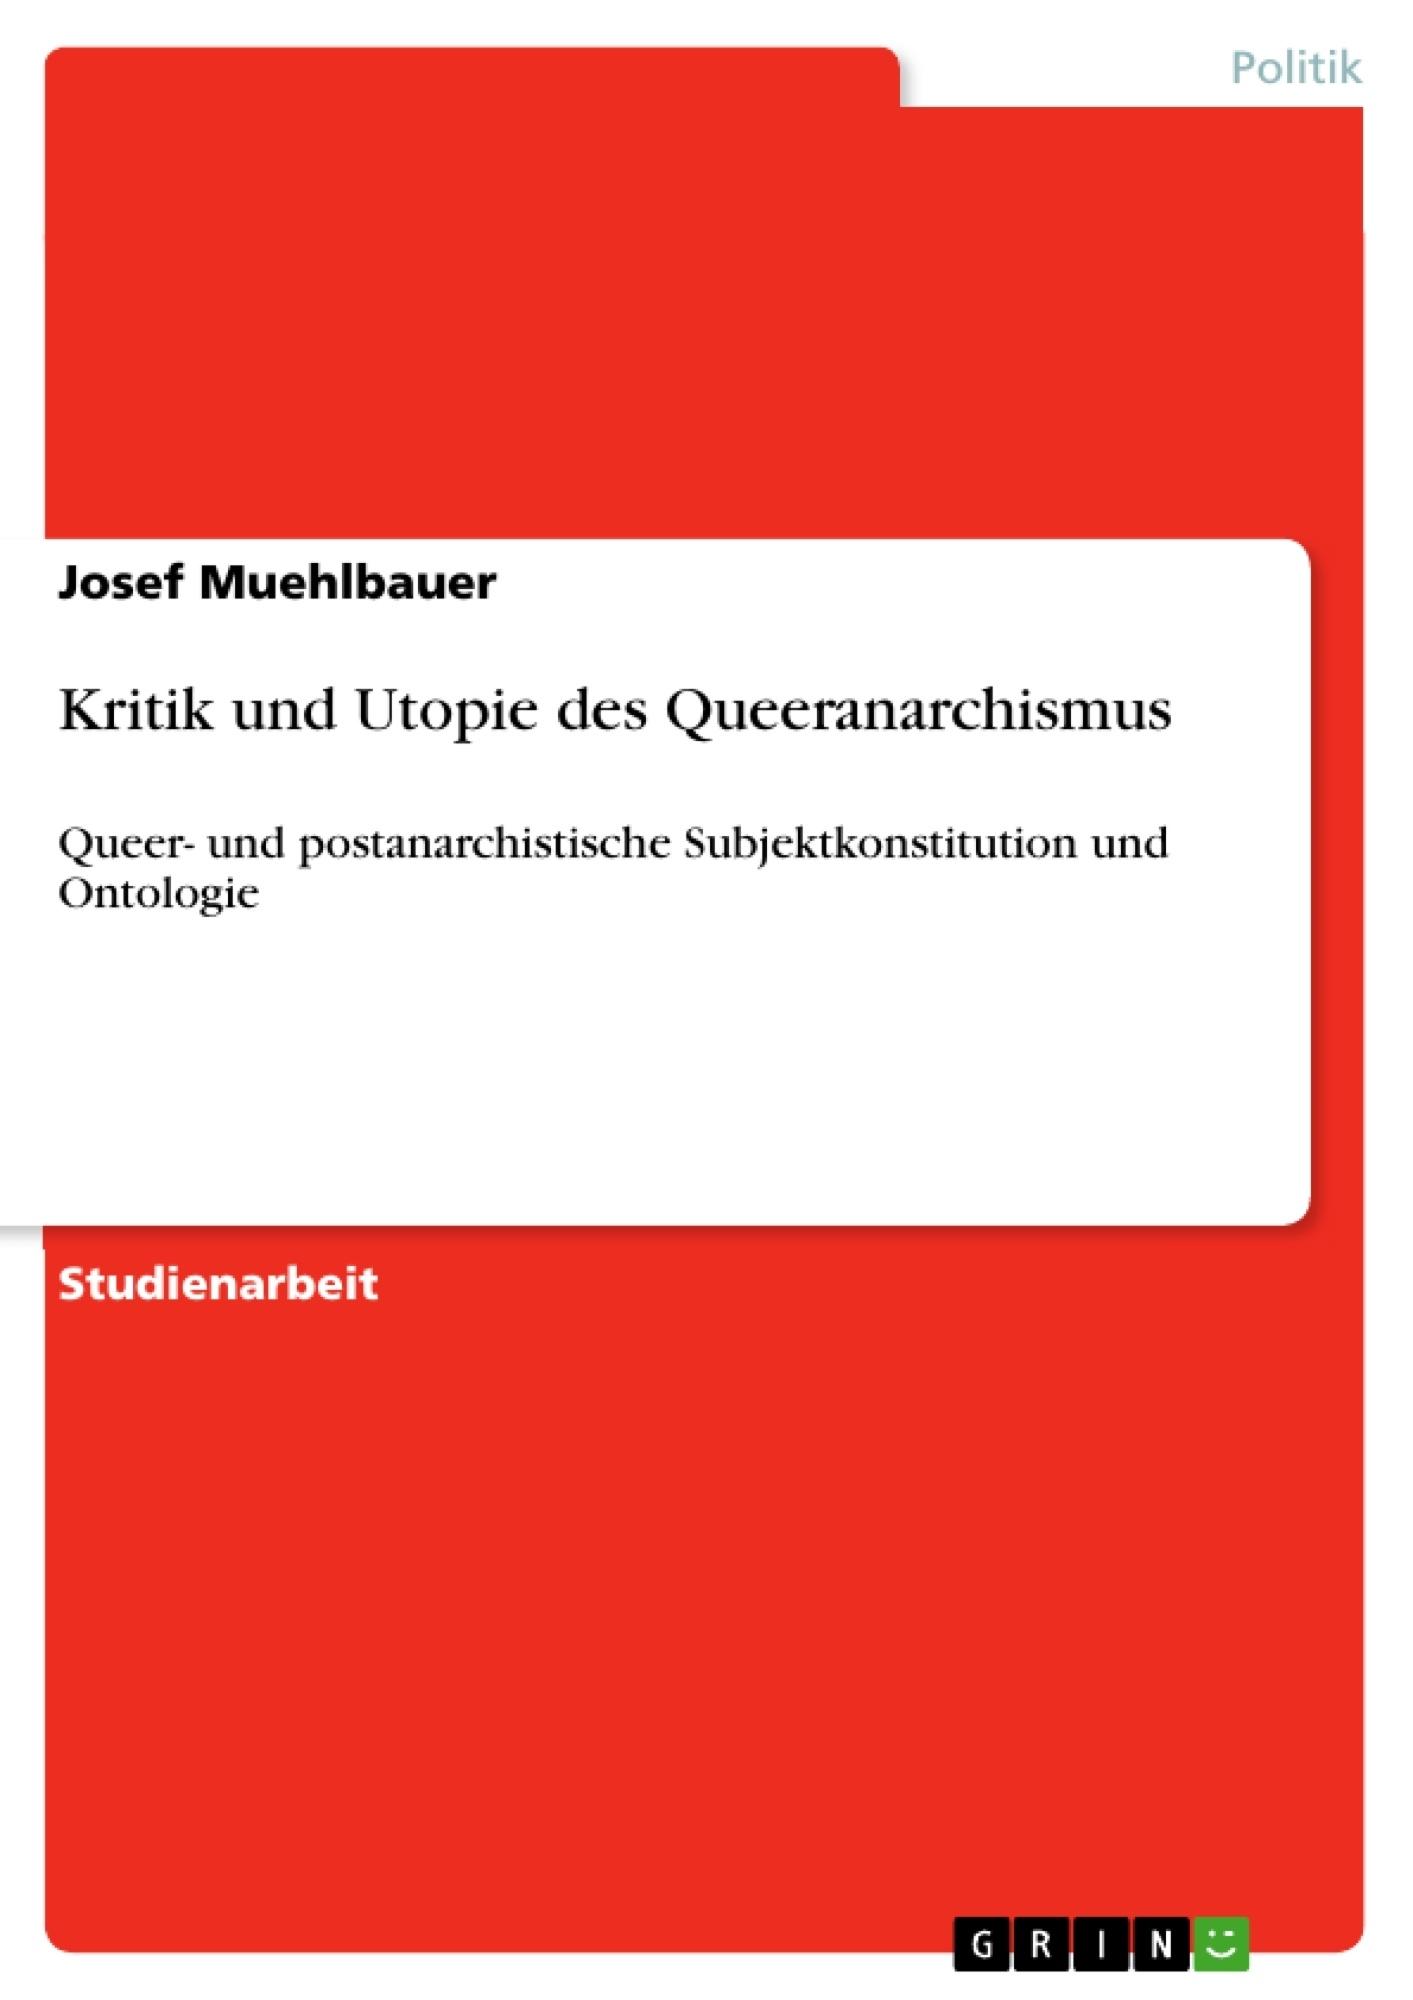 Titel: Kritik und Utopie des Queeranarchismus